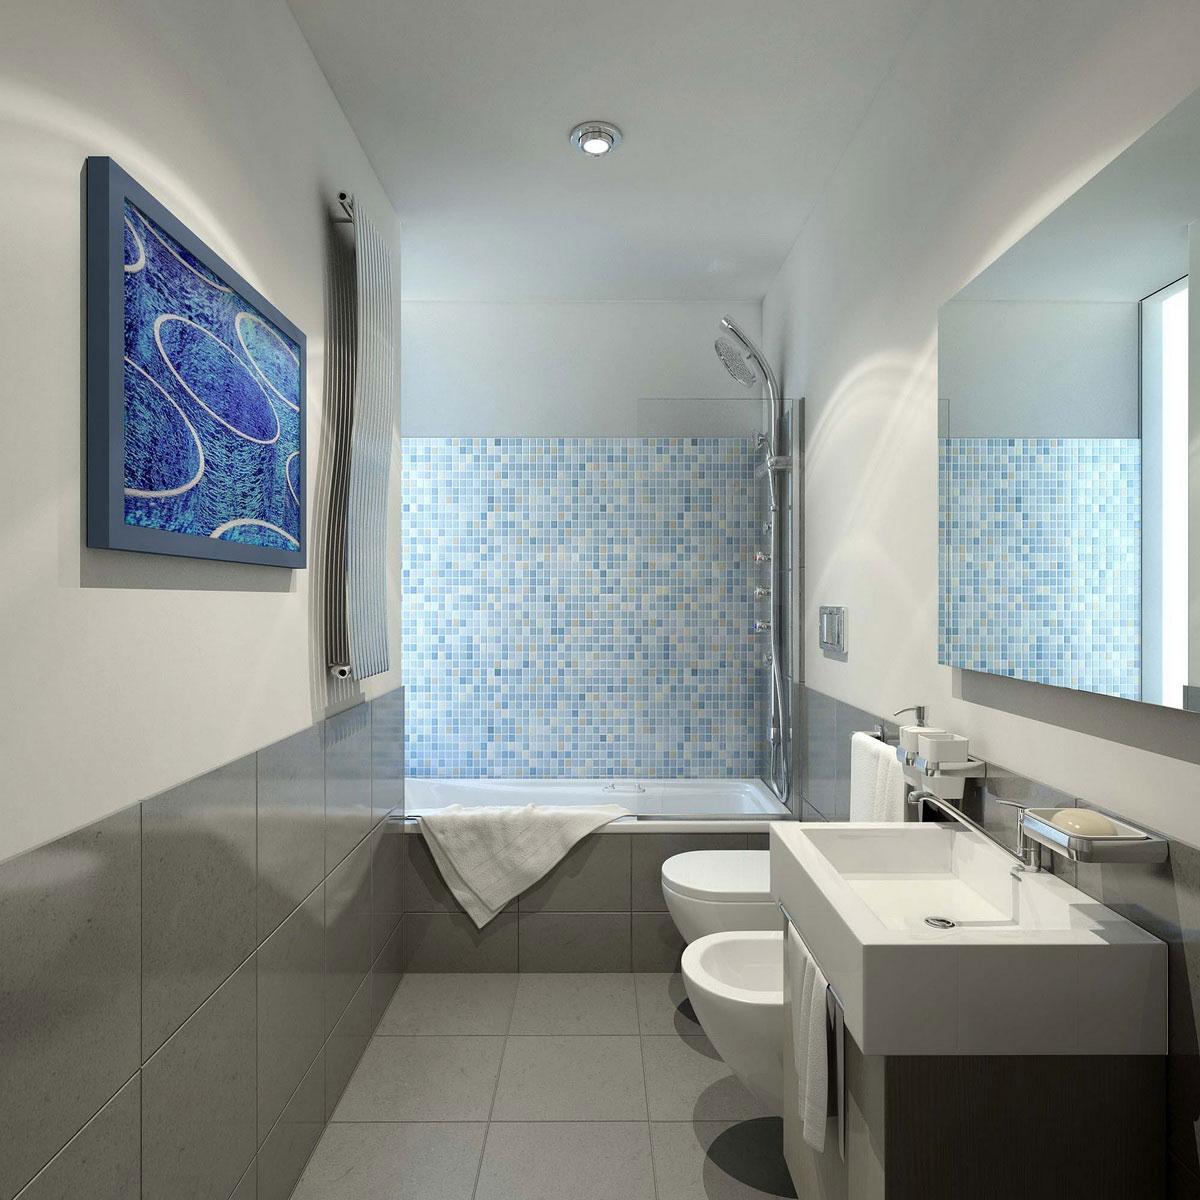 дизайн ванной комнаты хрущевки фото 2016 современные идеи #10